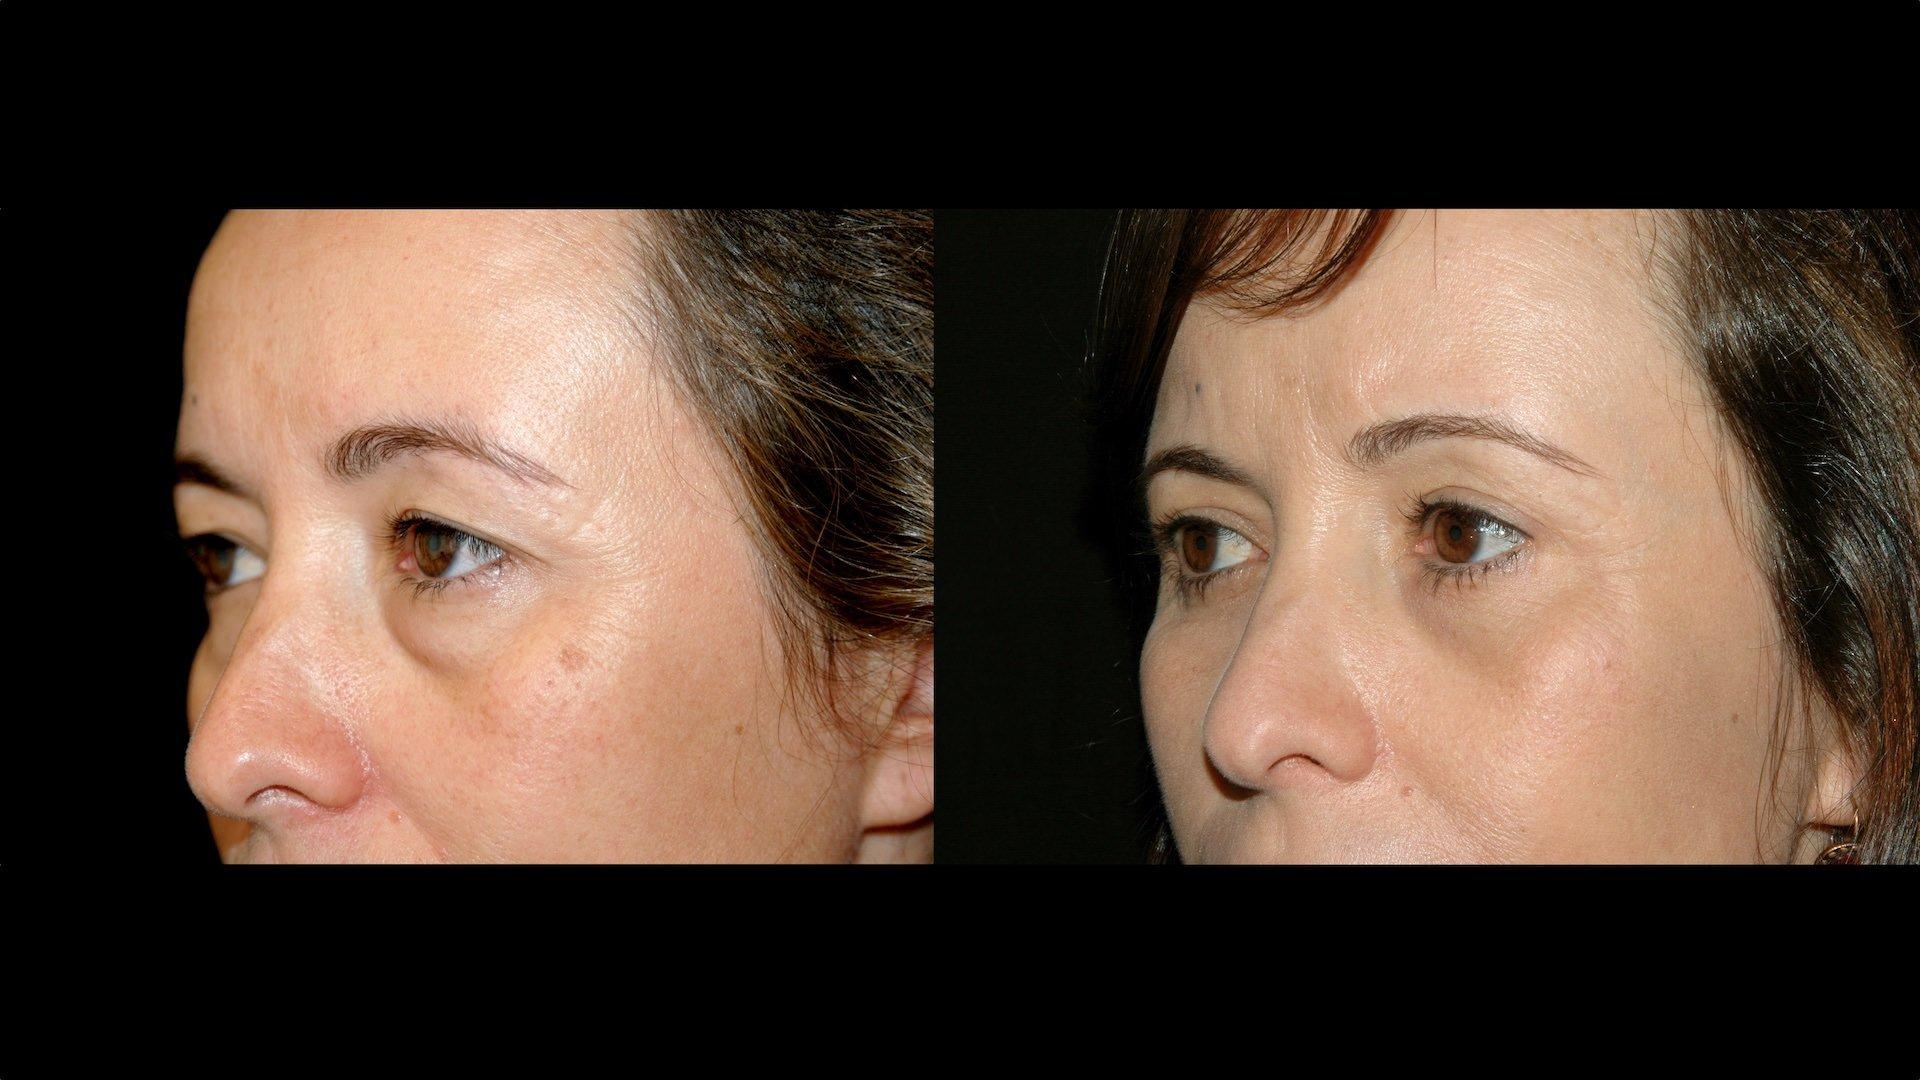 Antes e depois de olhos com papos excesso de pele manchas escuras rugas bolsas de gordura nas pálpebras recorre a tratamento cirúrgico de blefaroplastia para revitalizar o rosto e rejuvenescer o olhar na Clínica Ibérico Nogueira